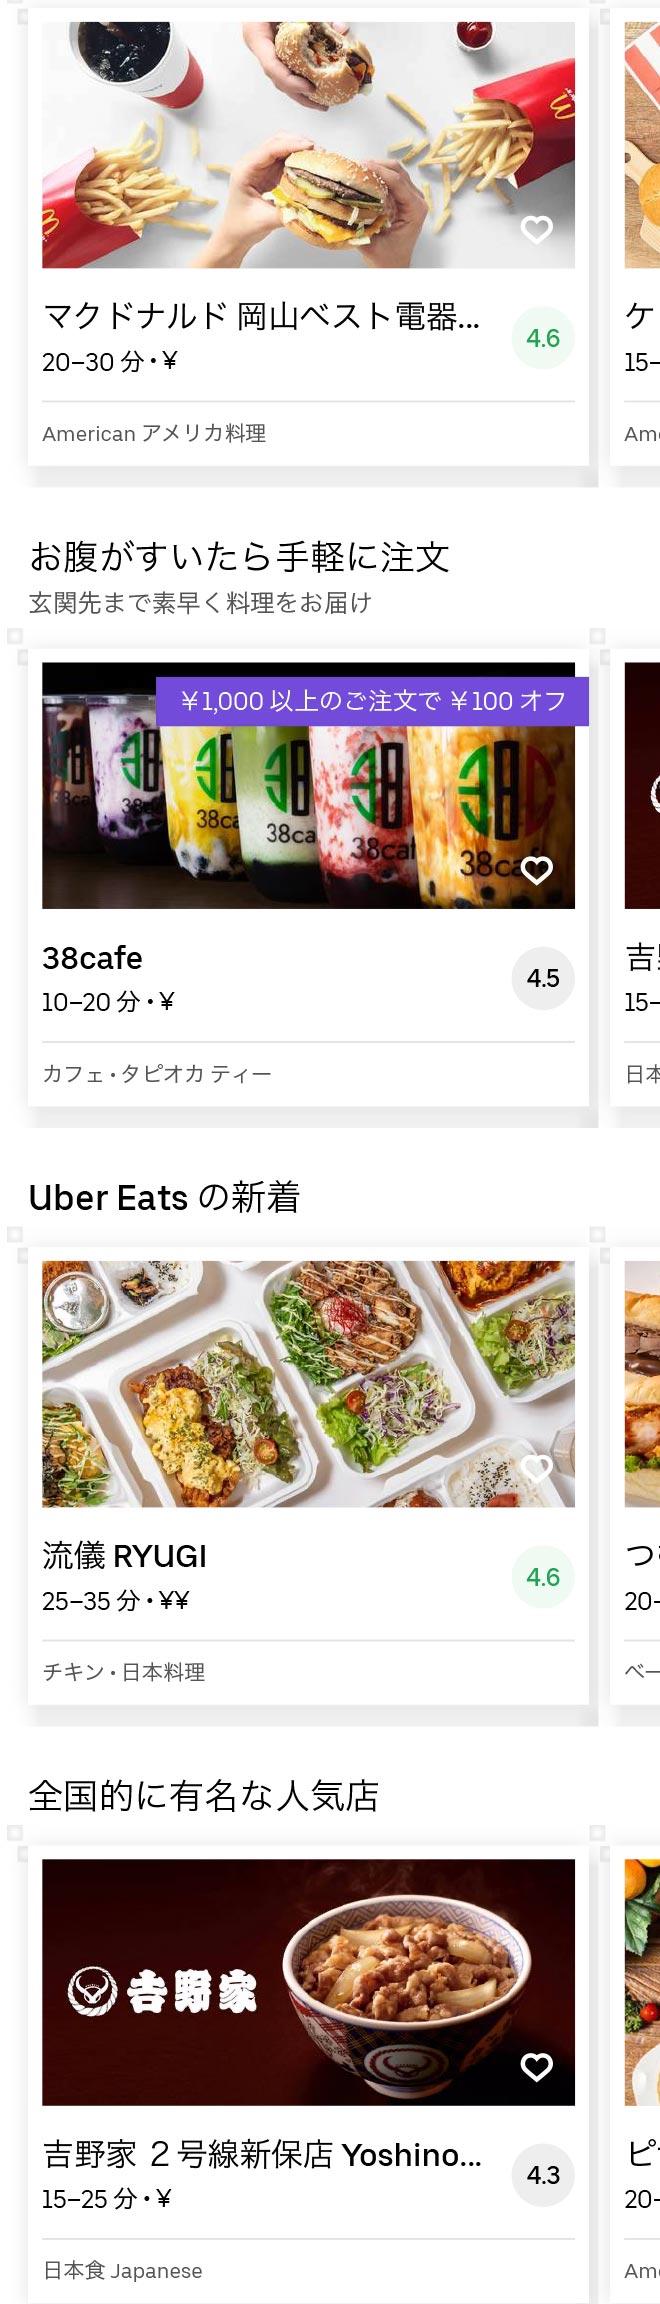 Bizen nishiichi menu 2007 01